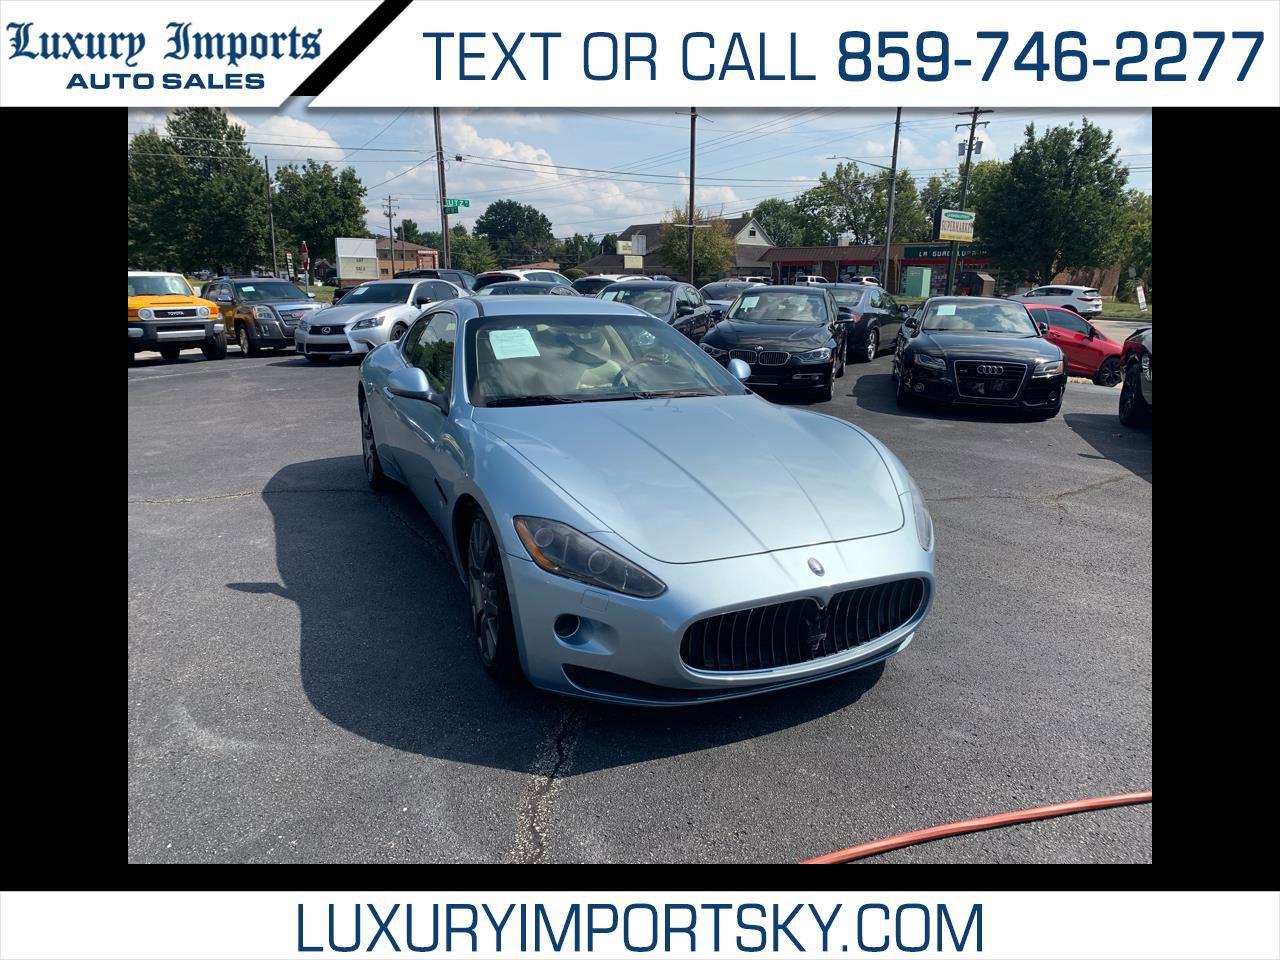 2010 Maserati GranTurismo Coupe image